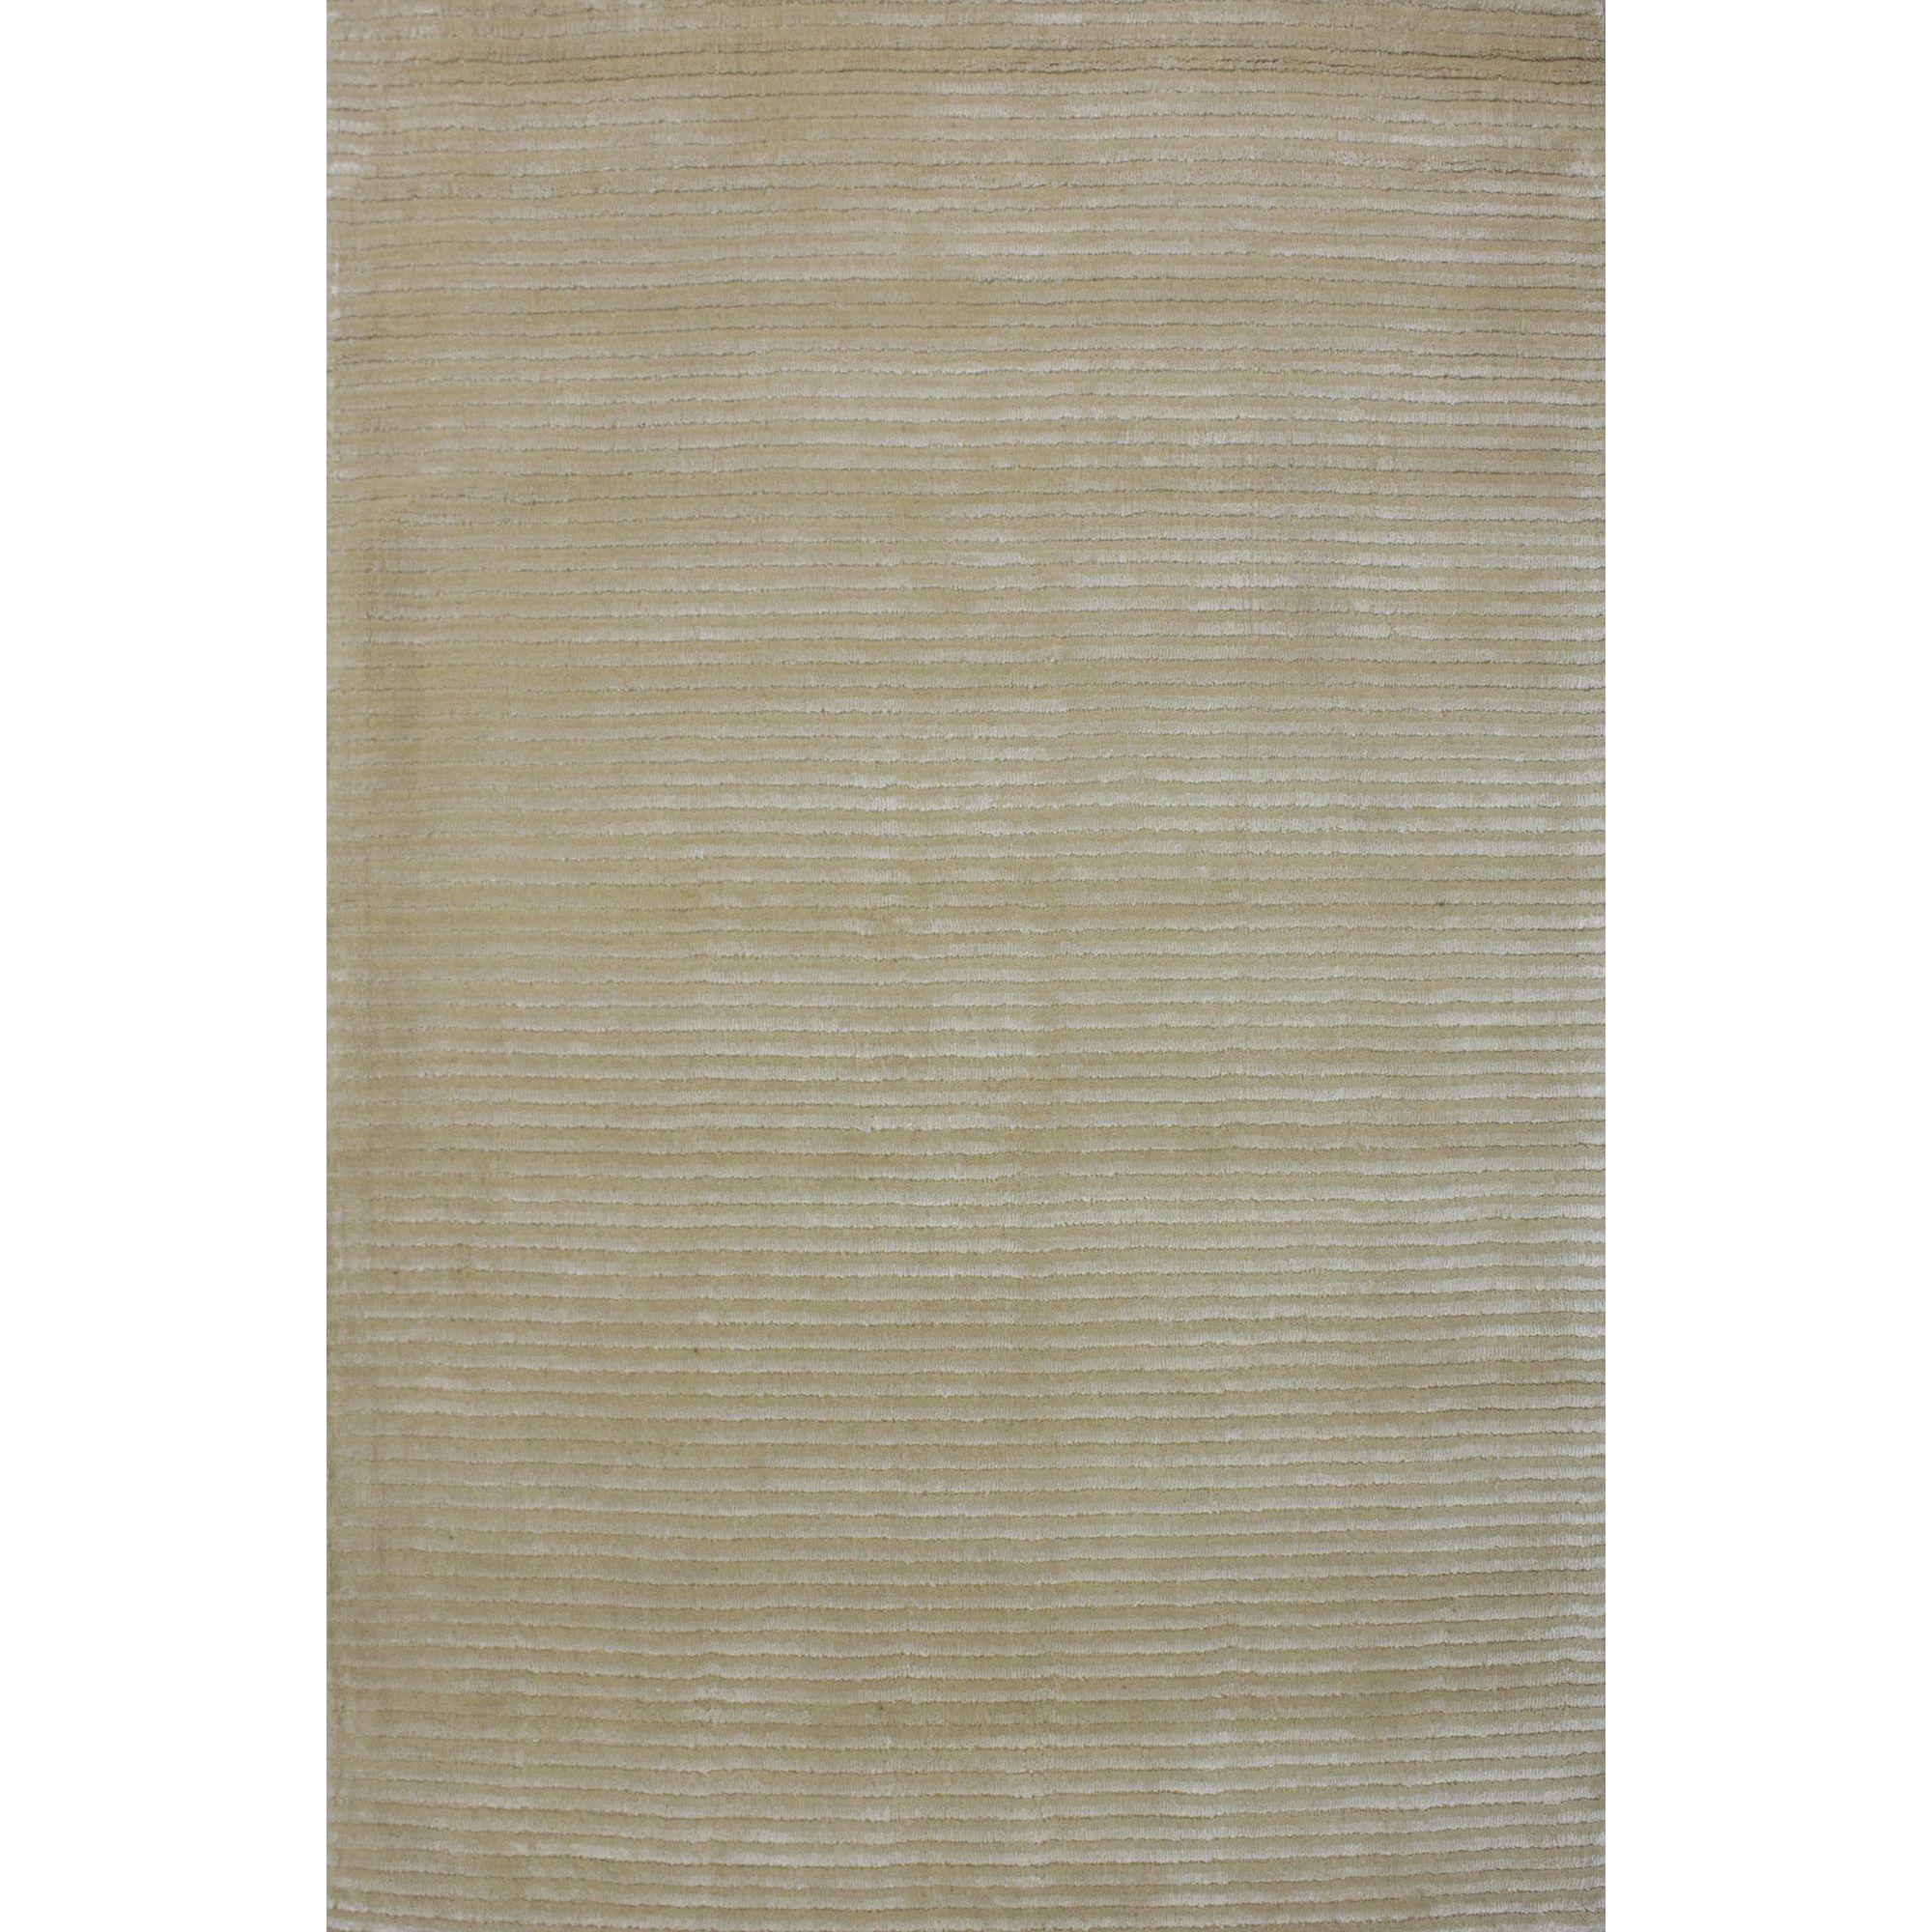 Hill & Co Jubilee Beige Stripe Rug - 240cm x 170cm (7 ft 10.5 in x 5 ft 7 in)